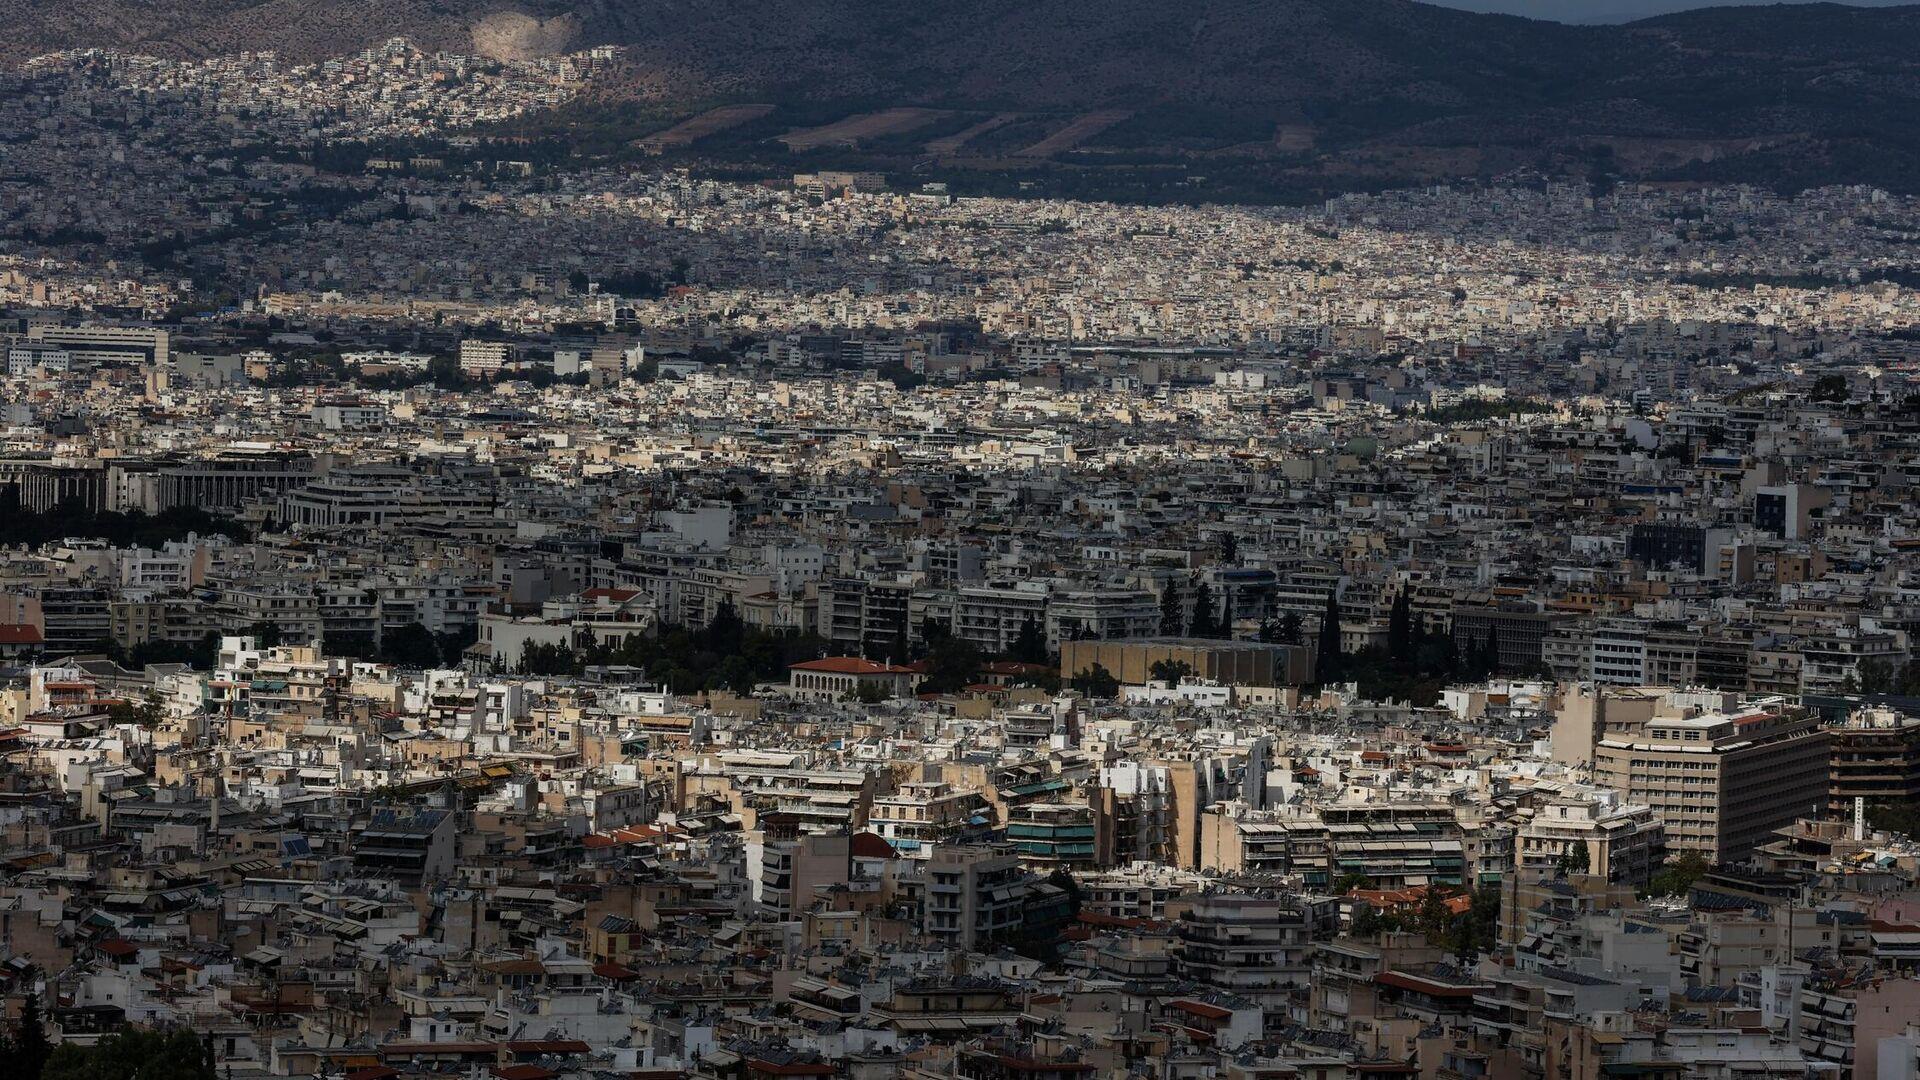 Η Αθήνα εν μέσω πανδημίας - Sputnik Ελλάδα, 1920, 08.10.2021